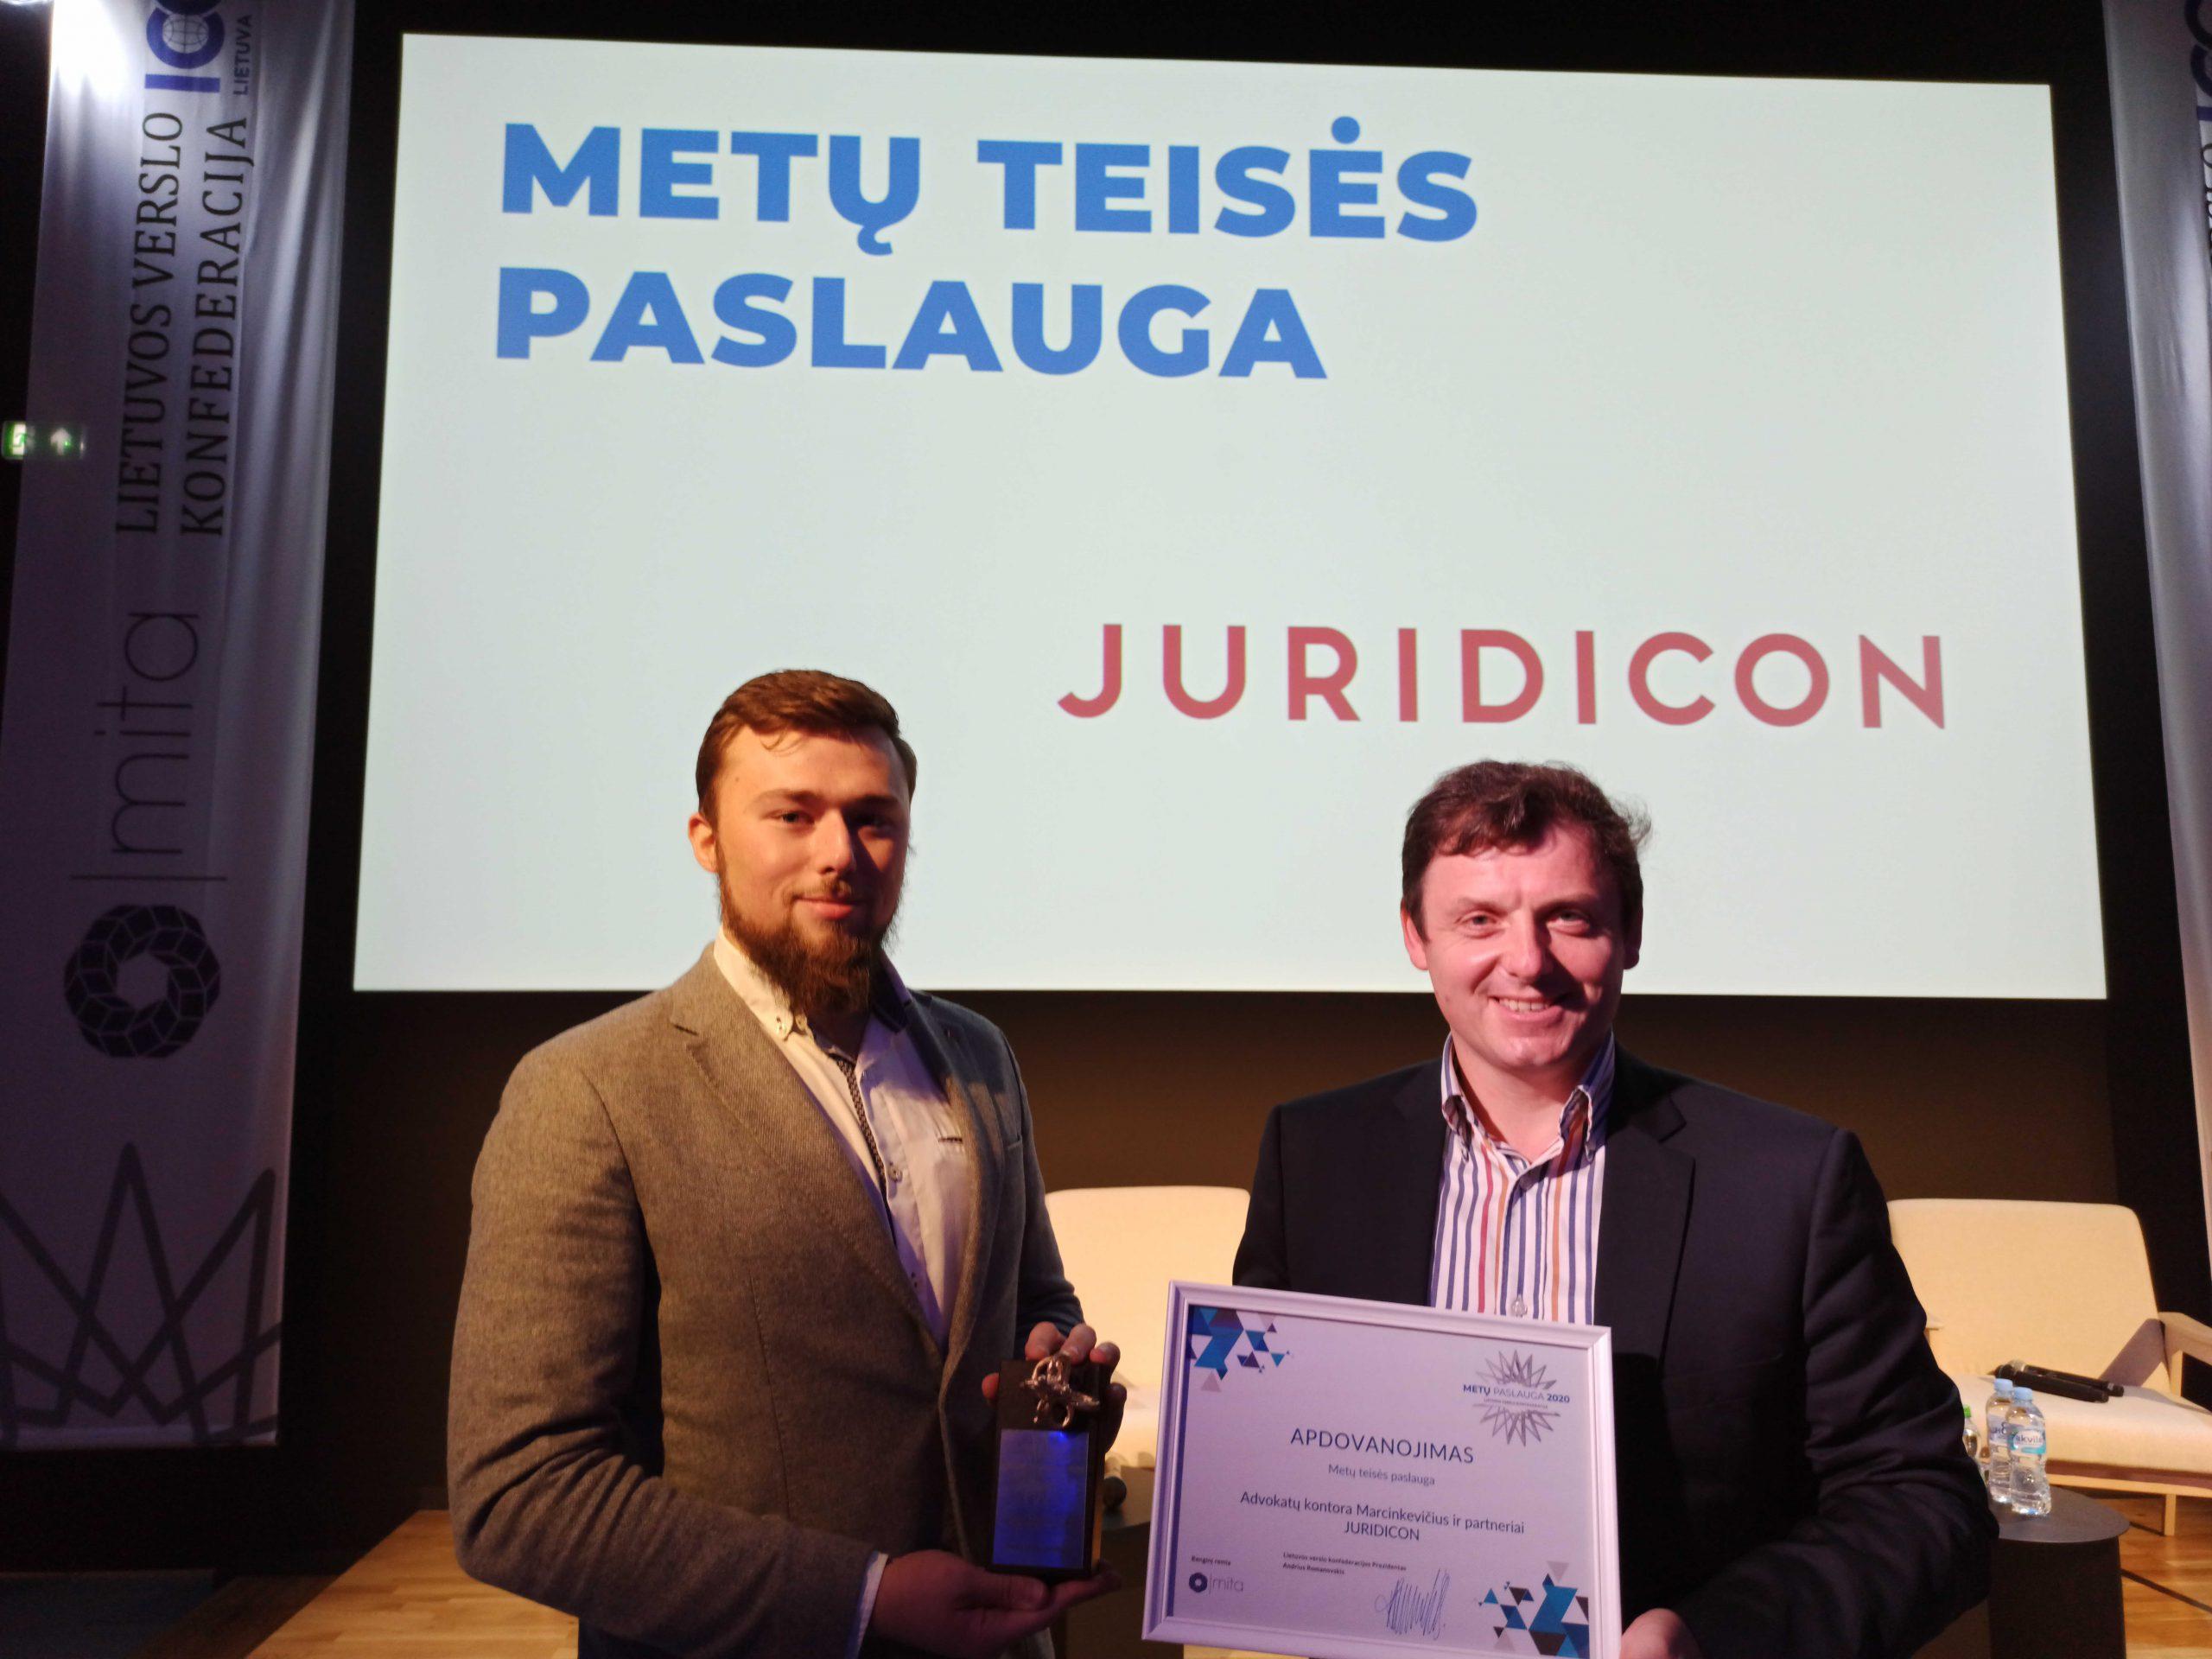 Metų teisės paslauga apdovanojimai 2020 Juridicon Allaw